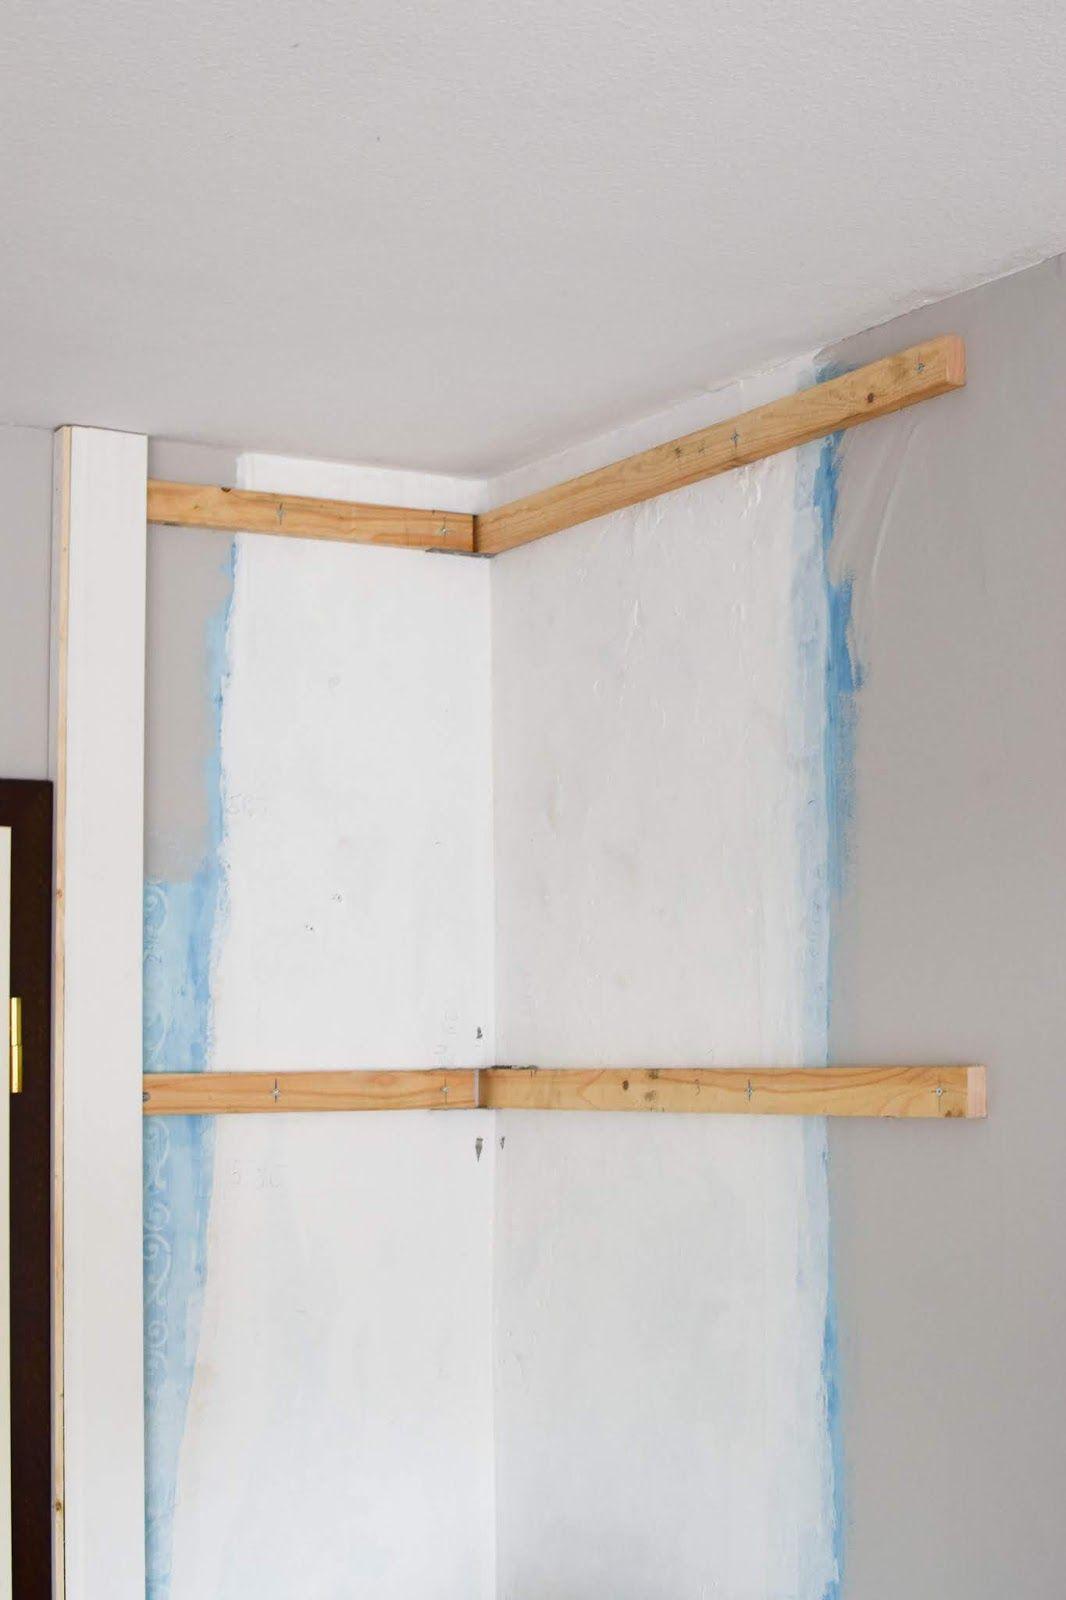 Wandverkleidung Diy Aus Holz Mit Nut Und Federbretter Kreidefarbe